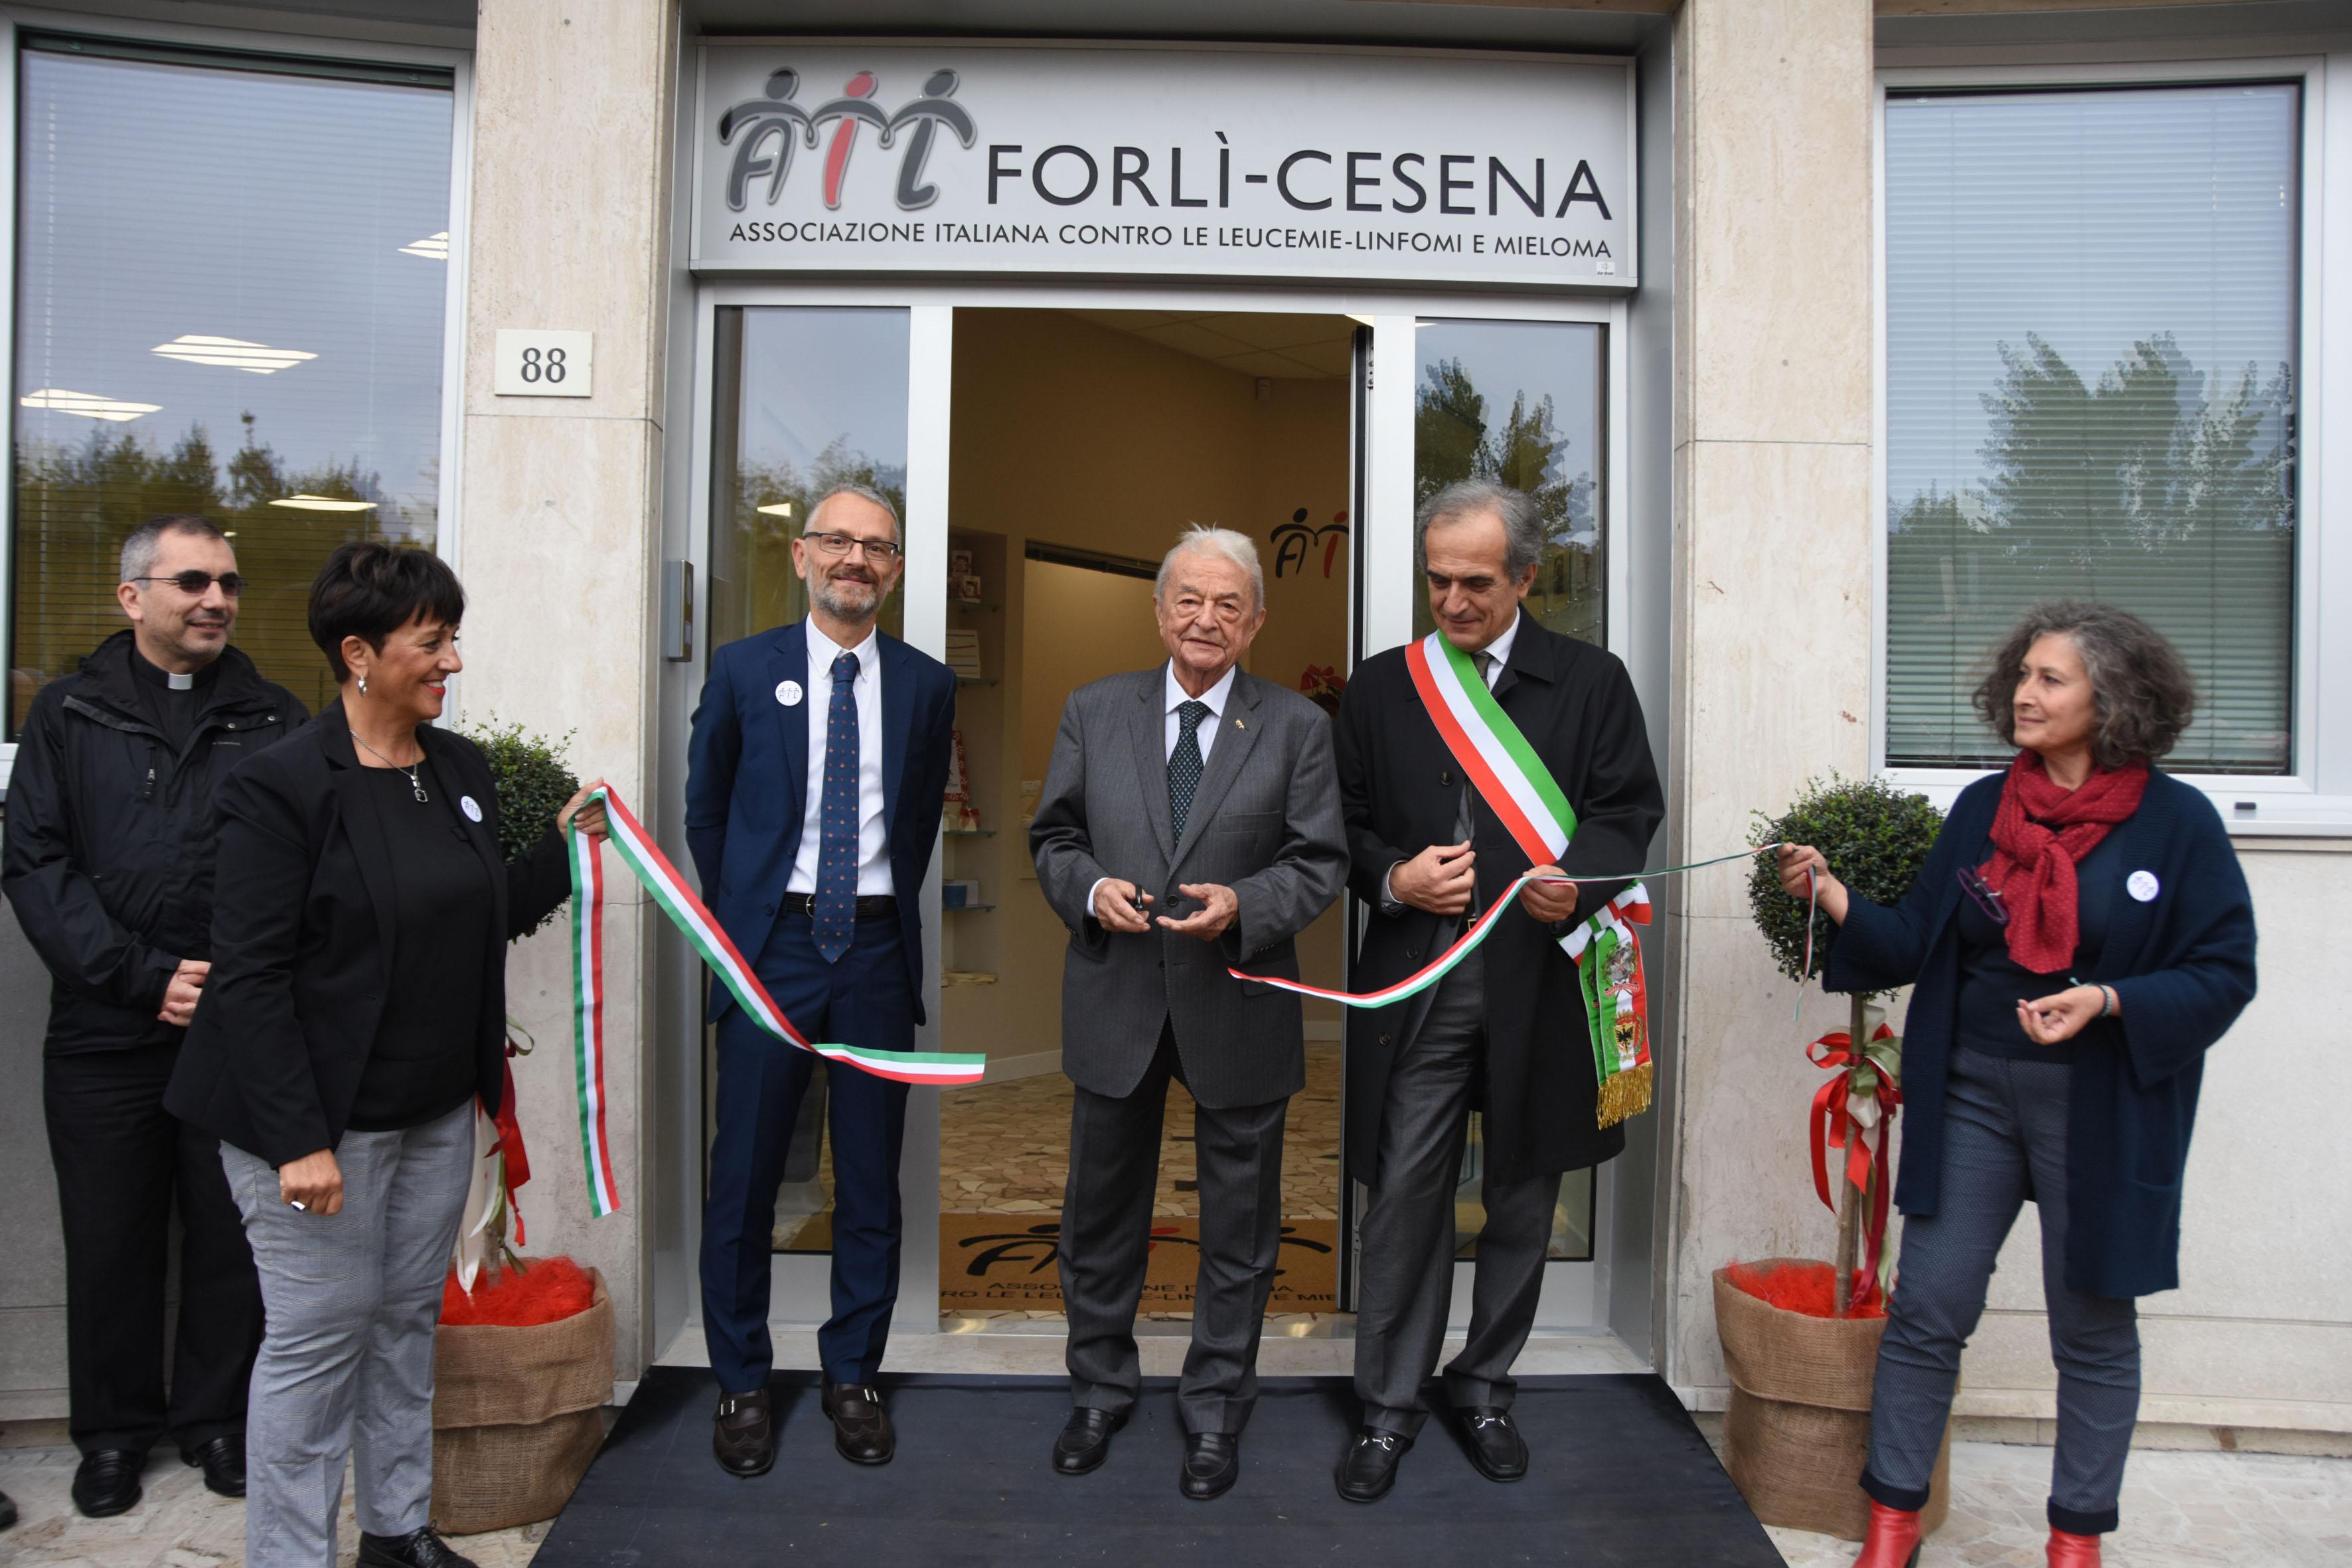 Inaugurata a Forlì nuova sede dell'Ail